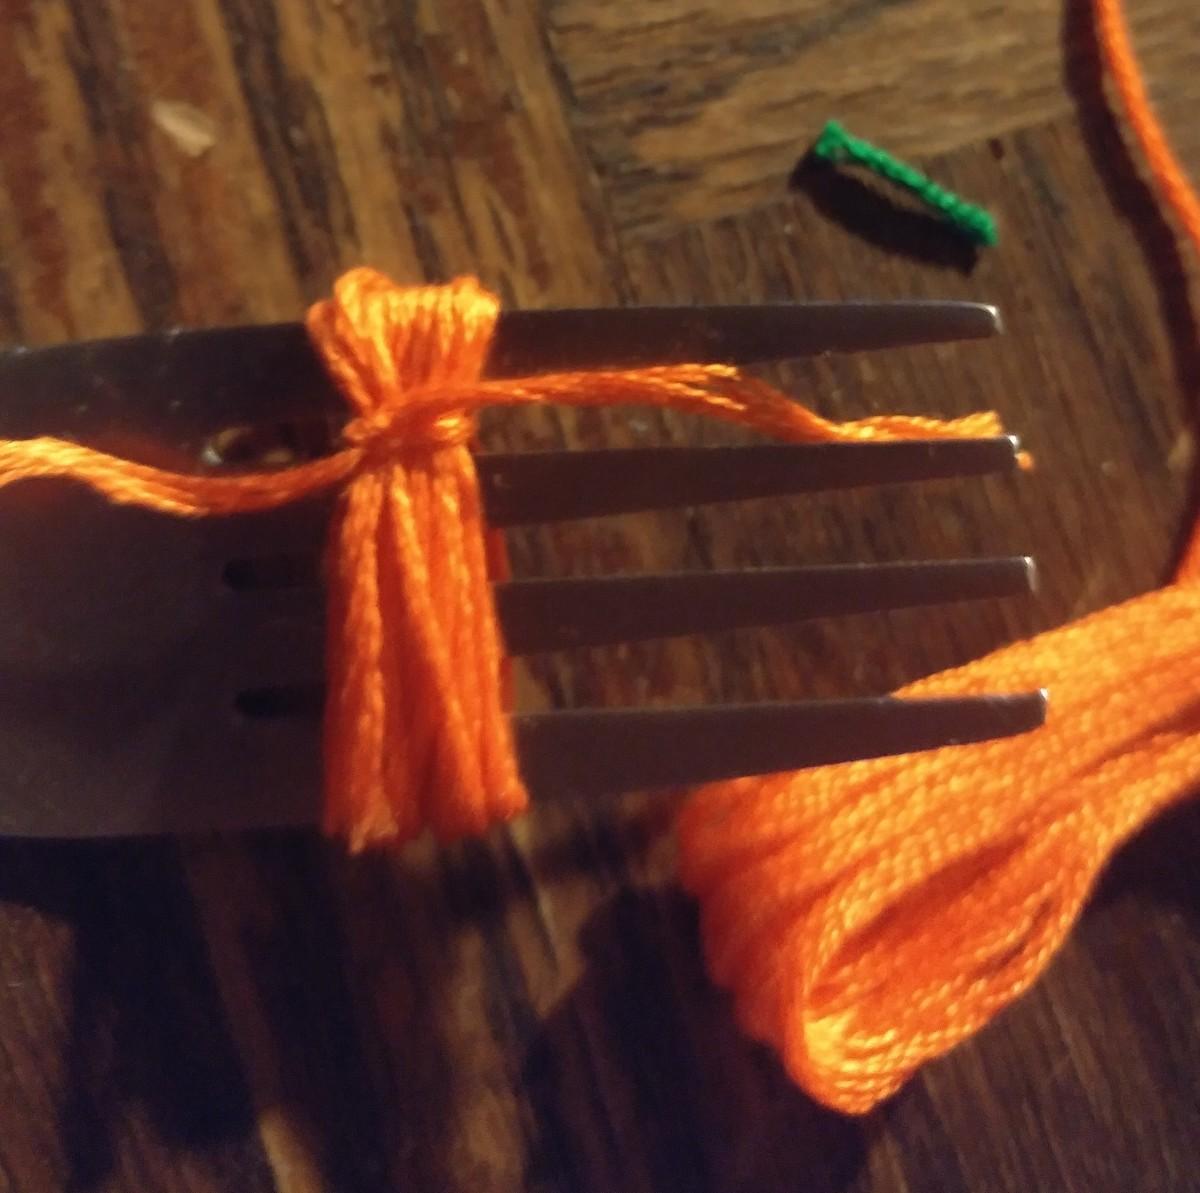 Slip thread through fork to tie knot around top of tassel.